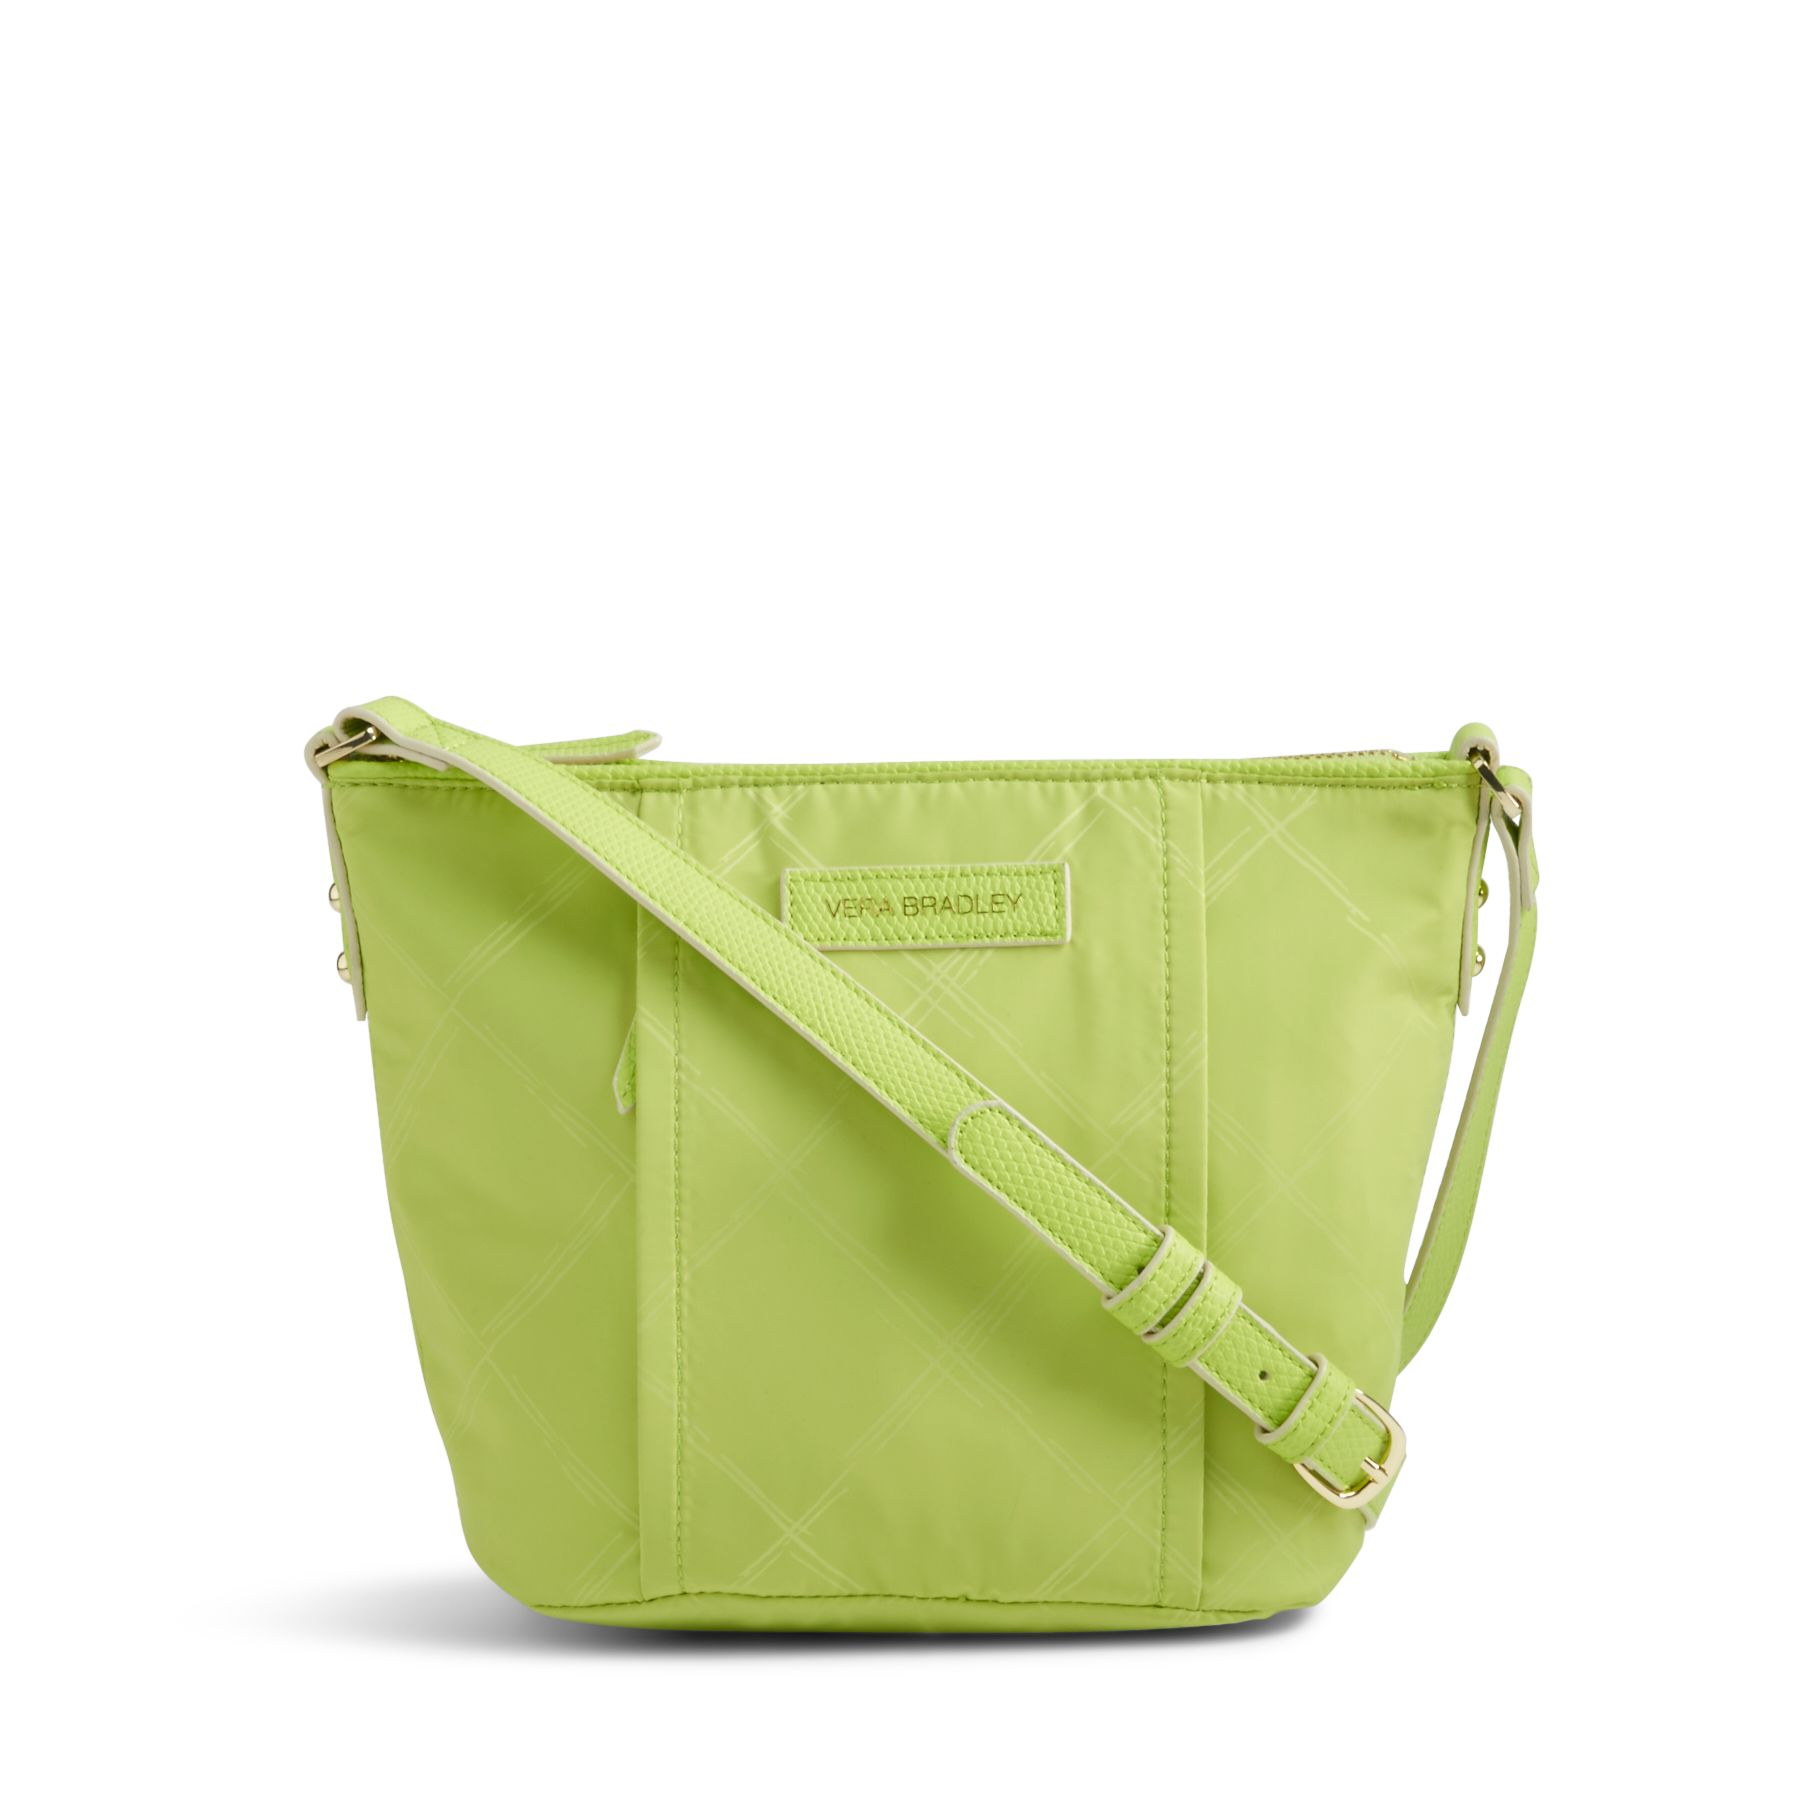 Vera bradley designs inc. \u003e Bags